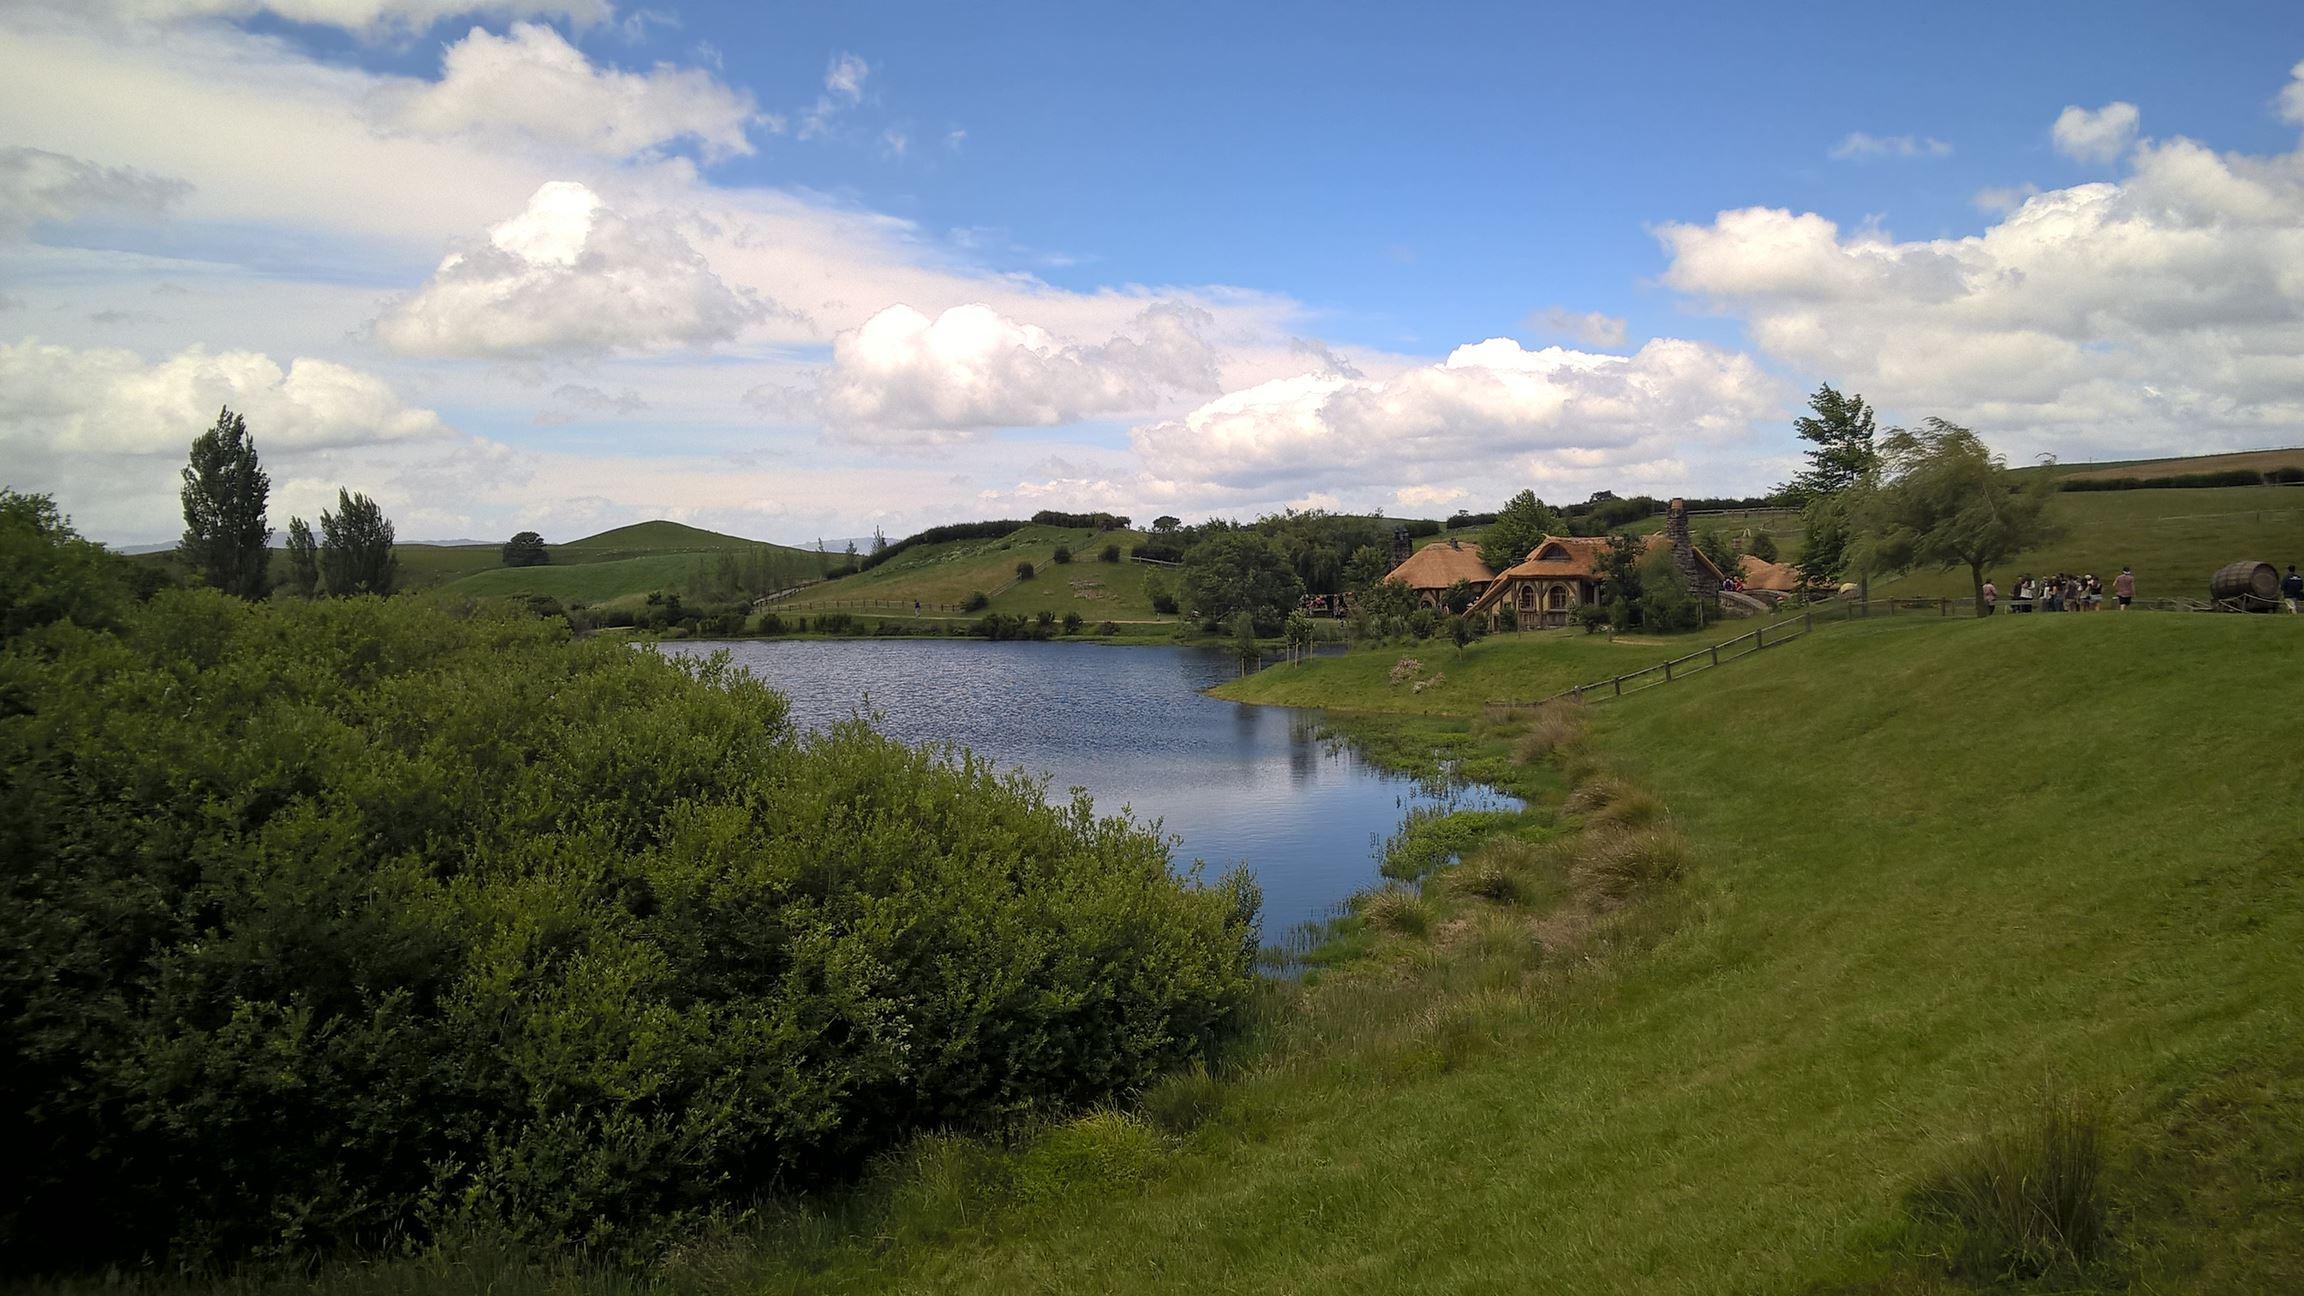 Das Ziel der Tour liegt jenseits dieser Mühle: Der grüne Drache